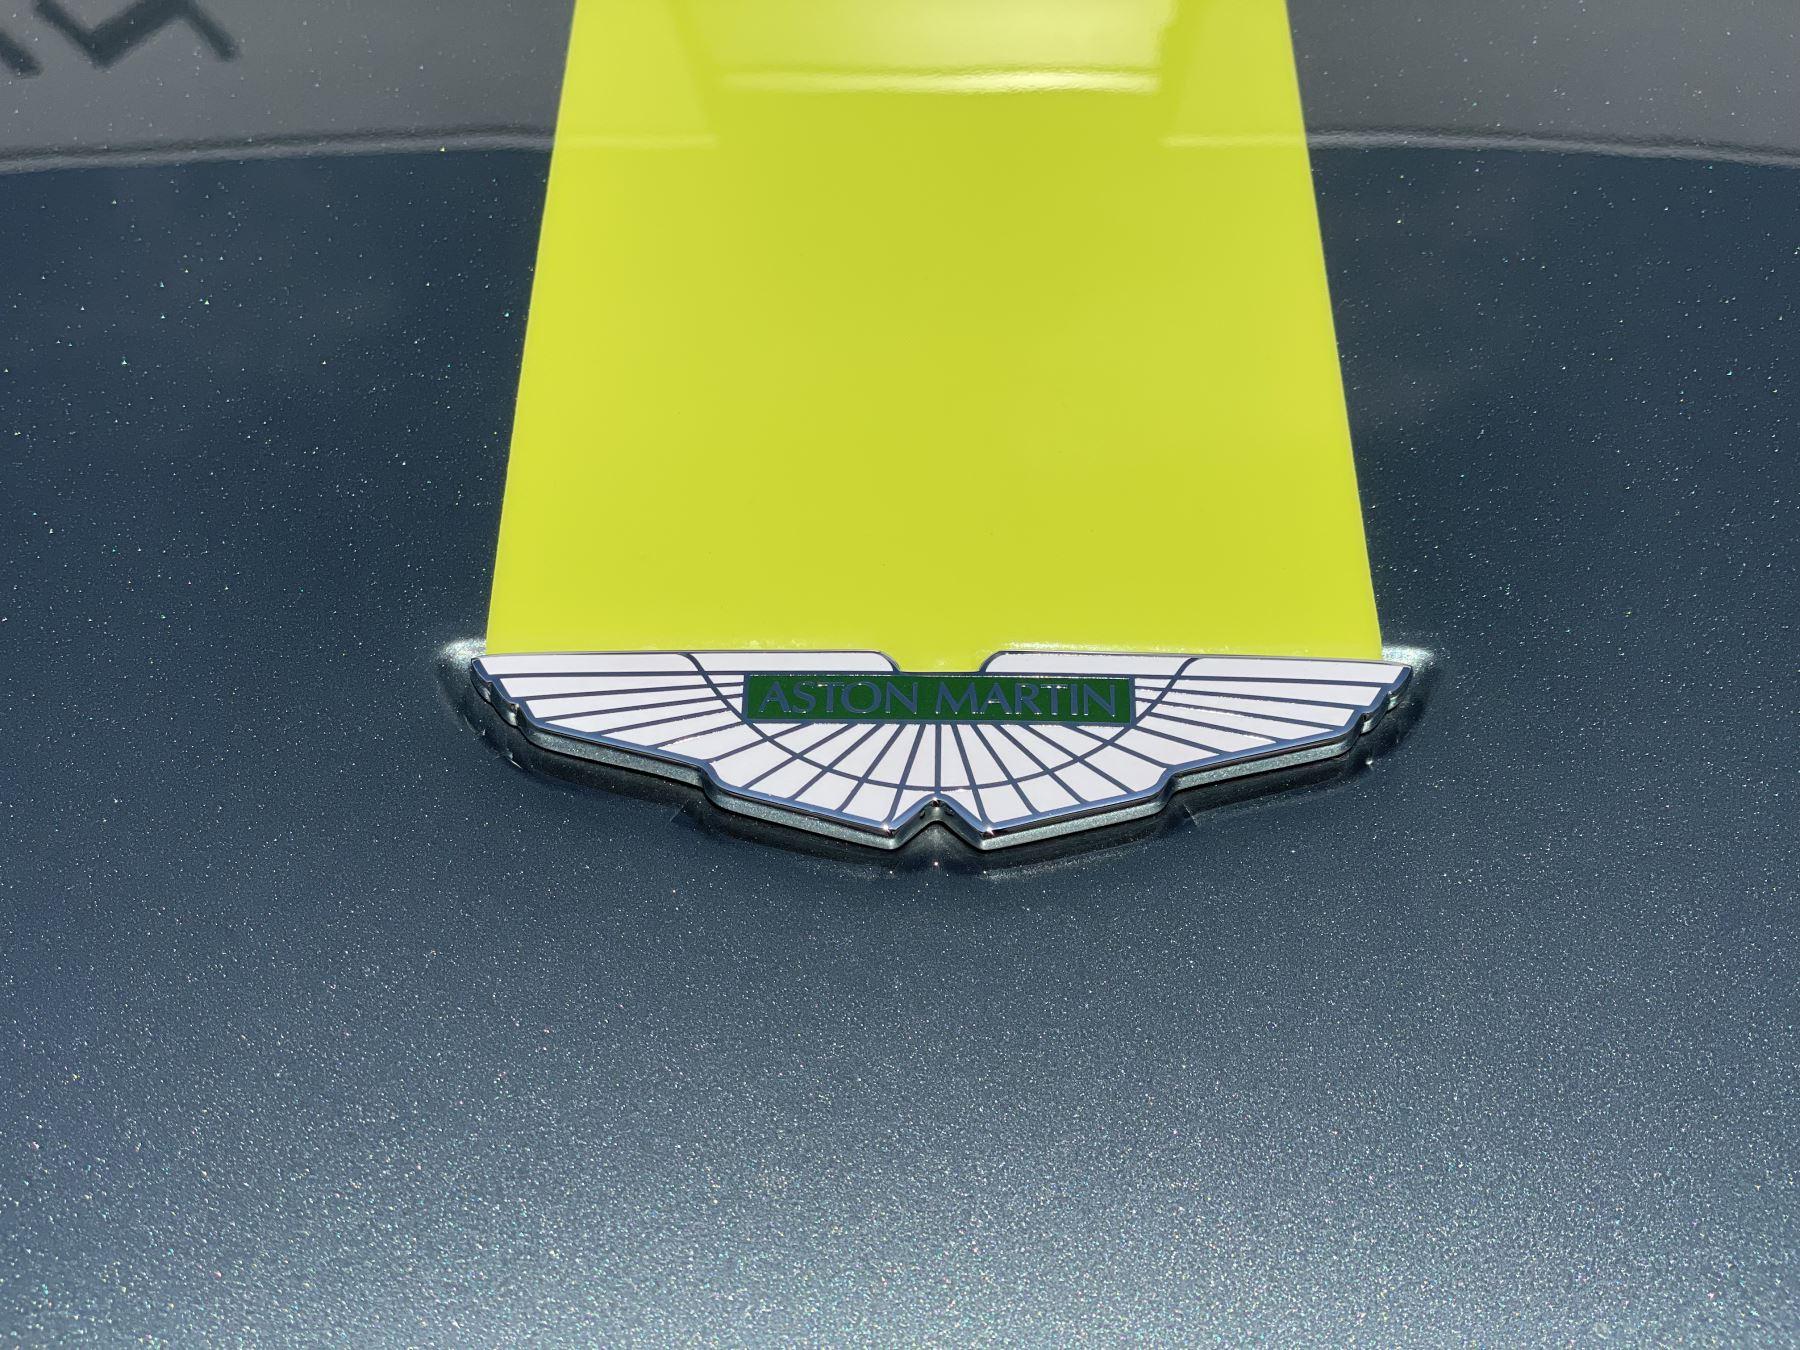 Aston Martin V8 Vantage S Coupe AMR 2dr image 6